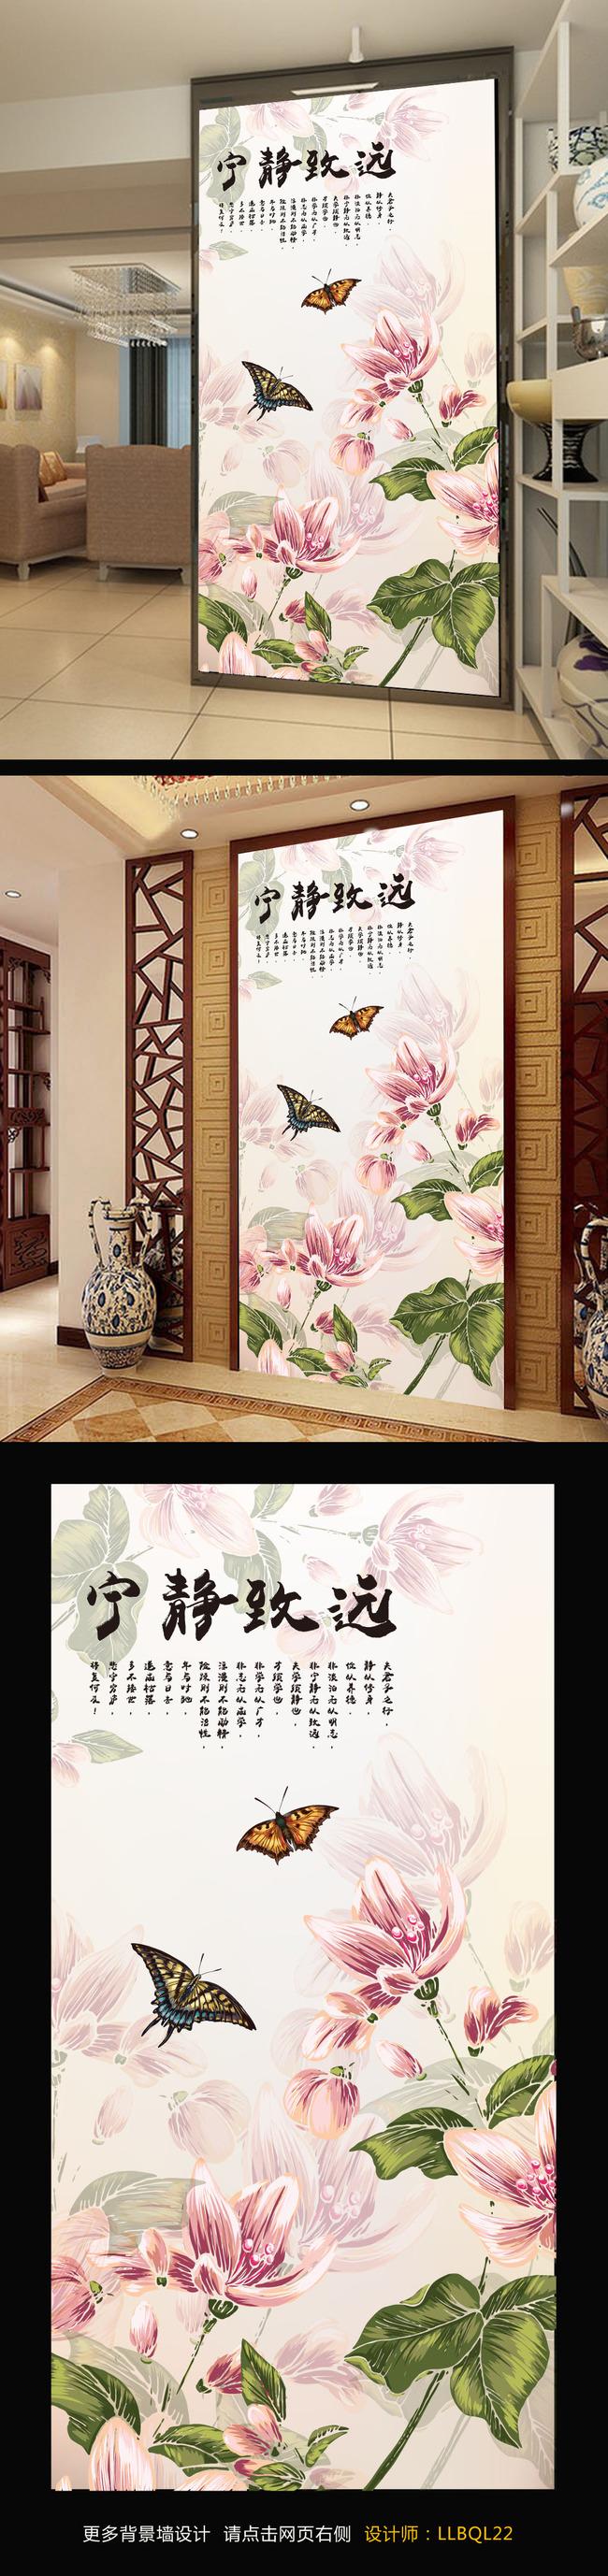 中国风手绘牡丹玄关画